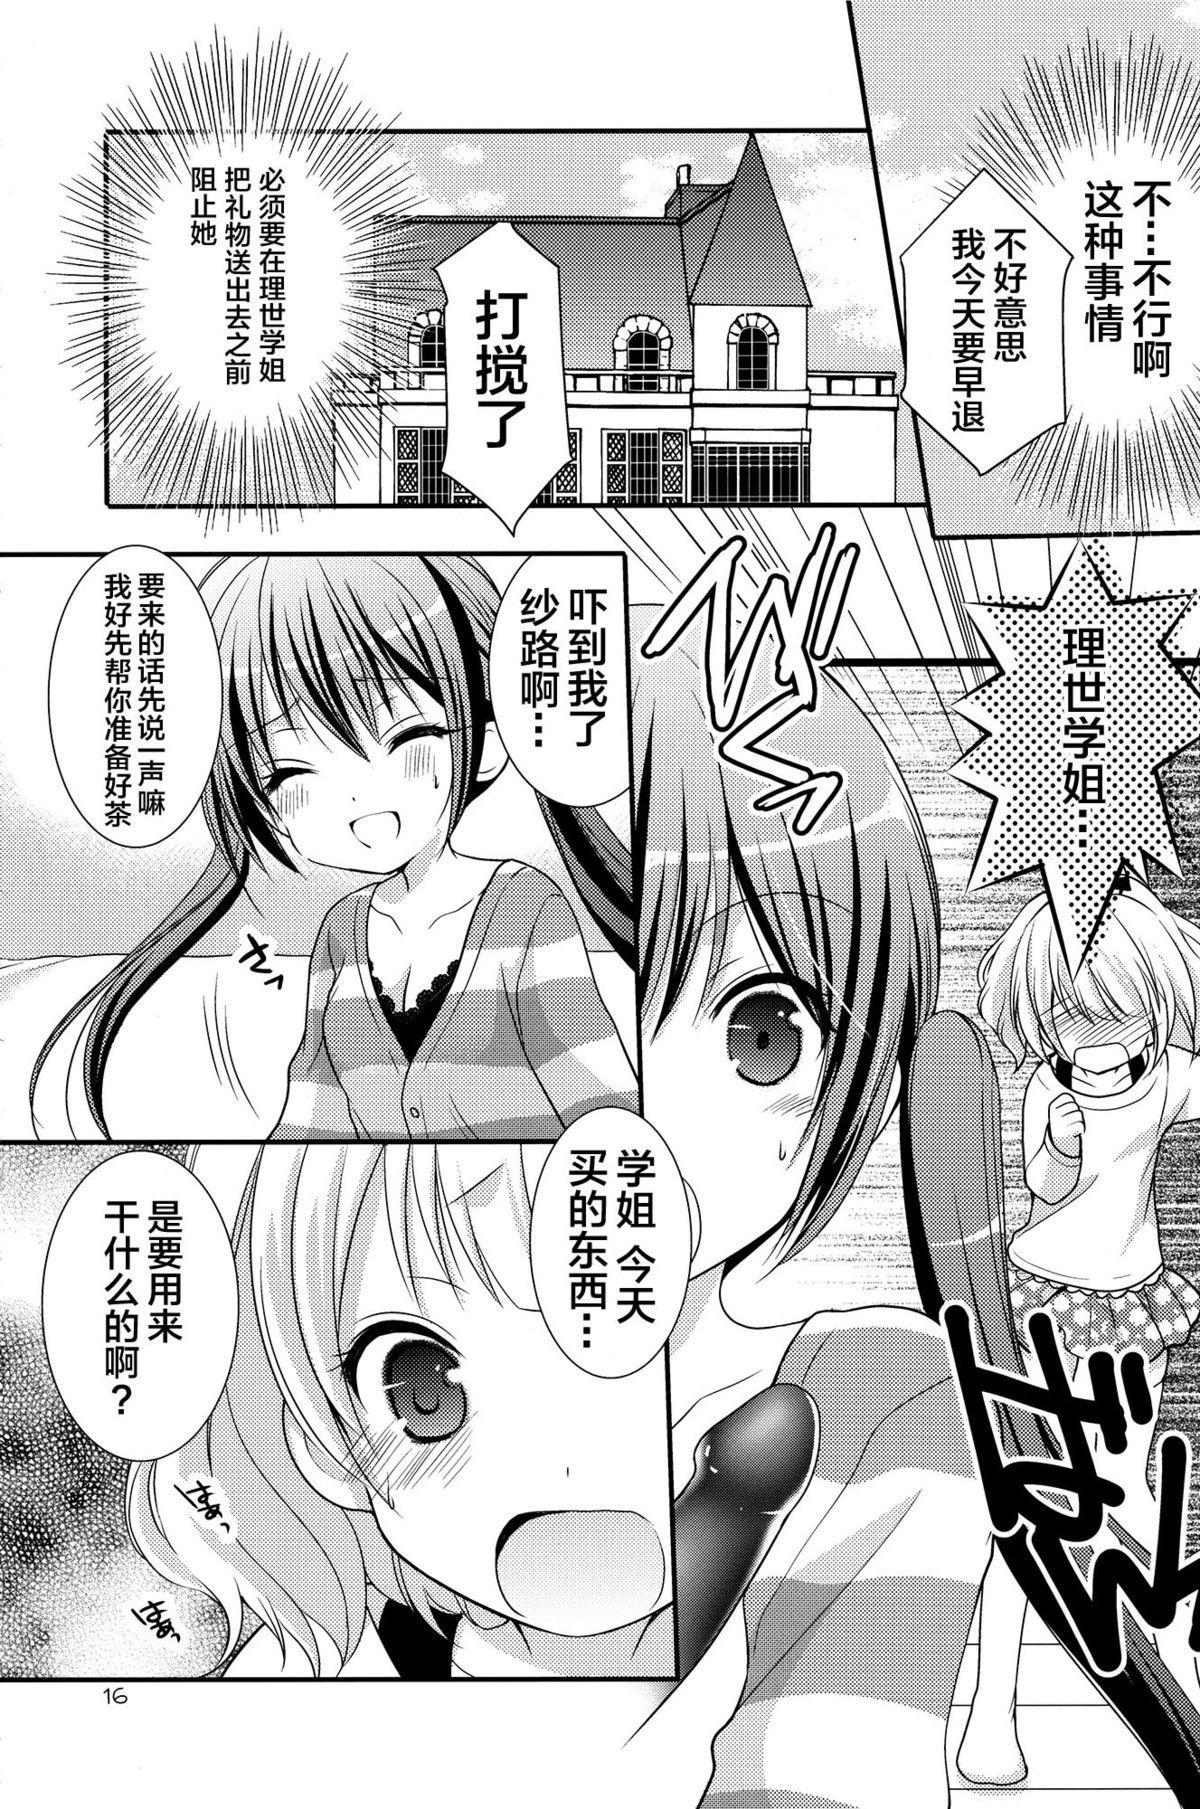 Sharo to Rize no Himitsu no Lesson 15